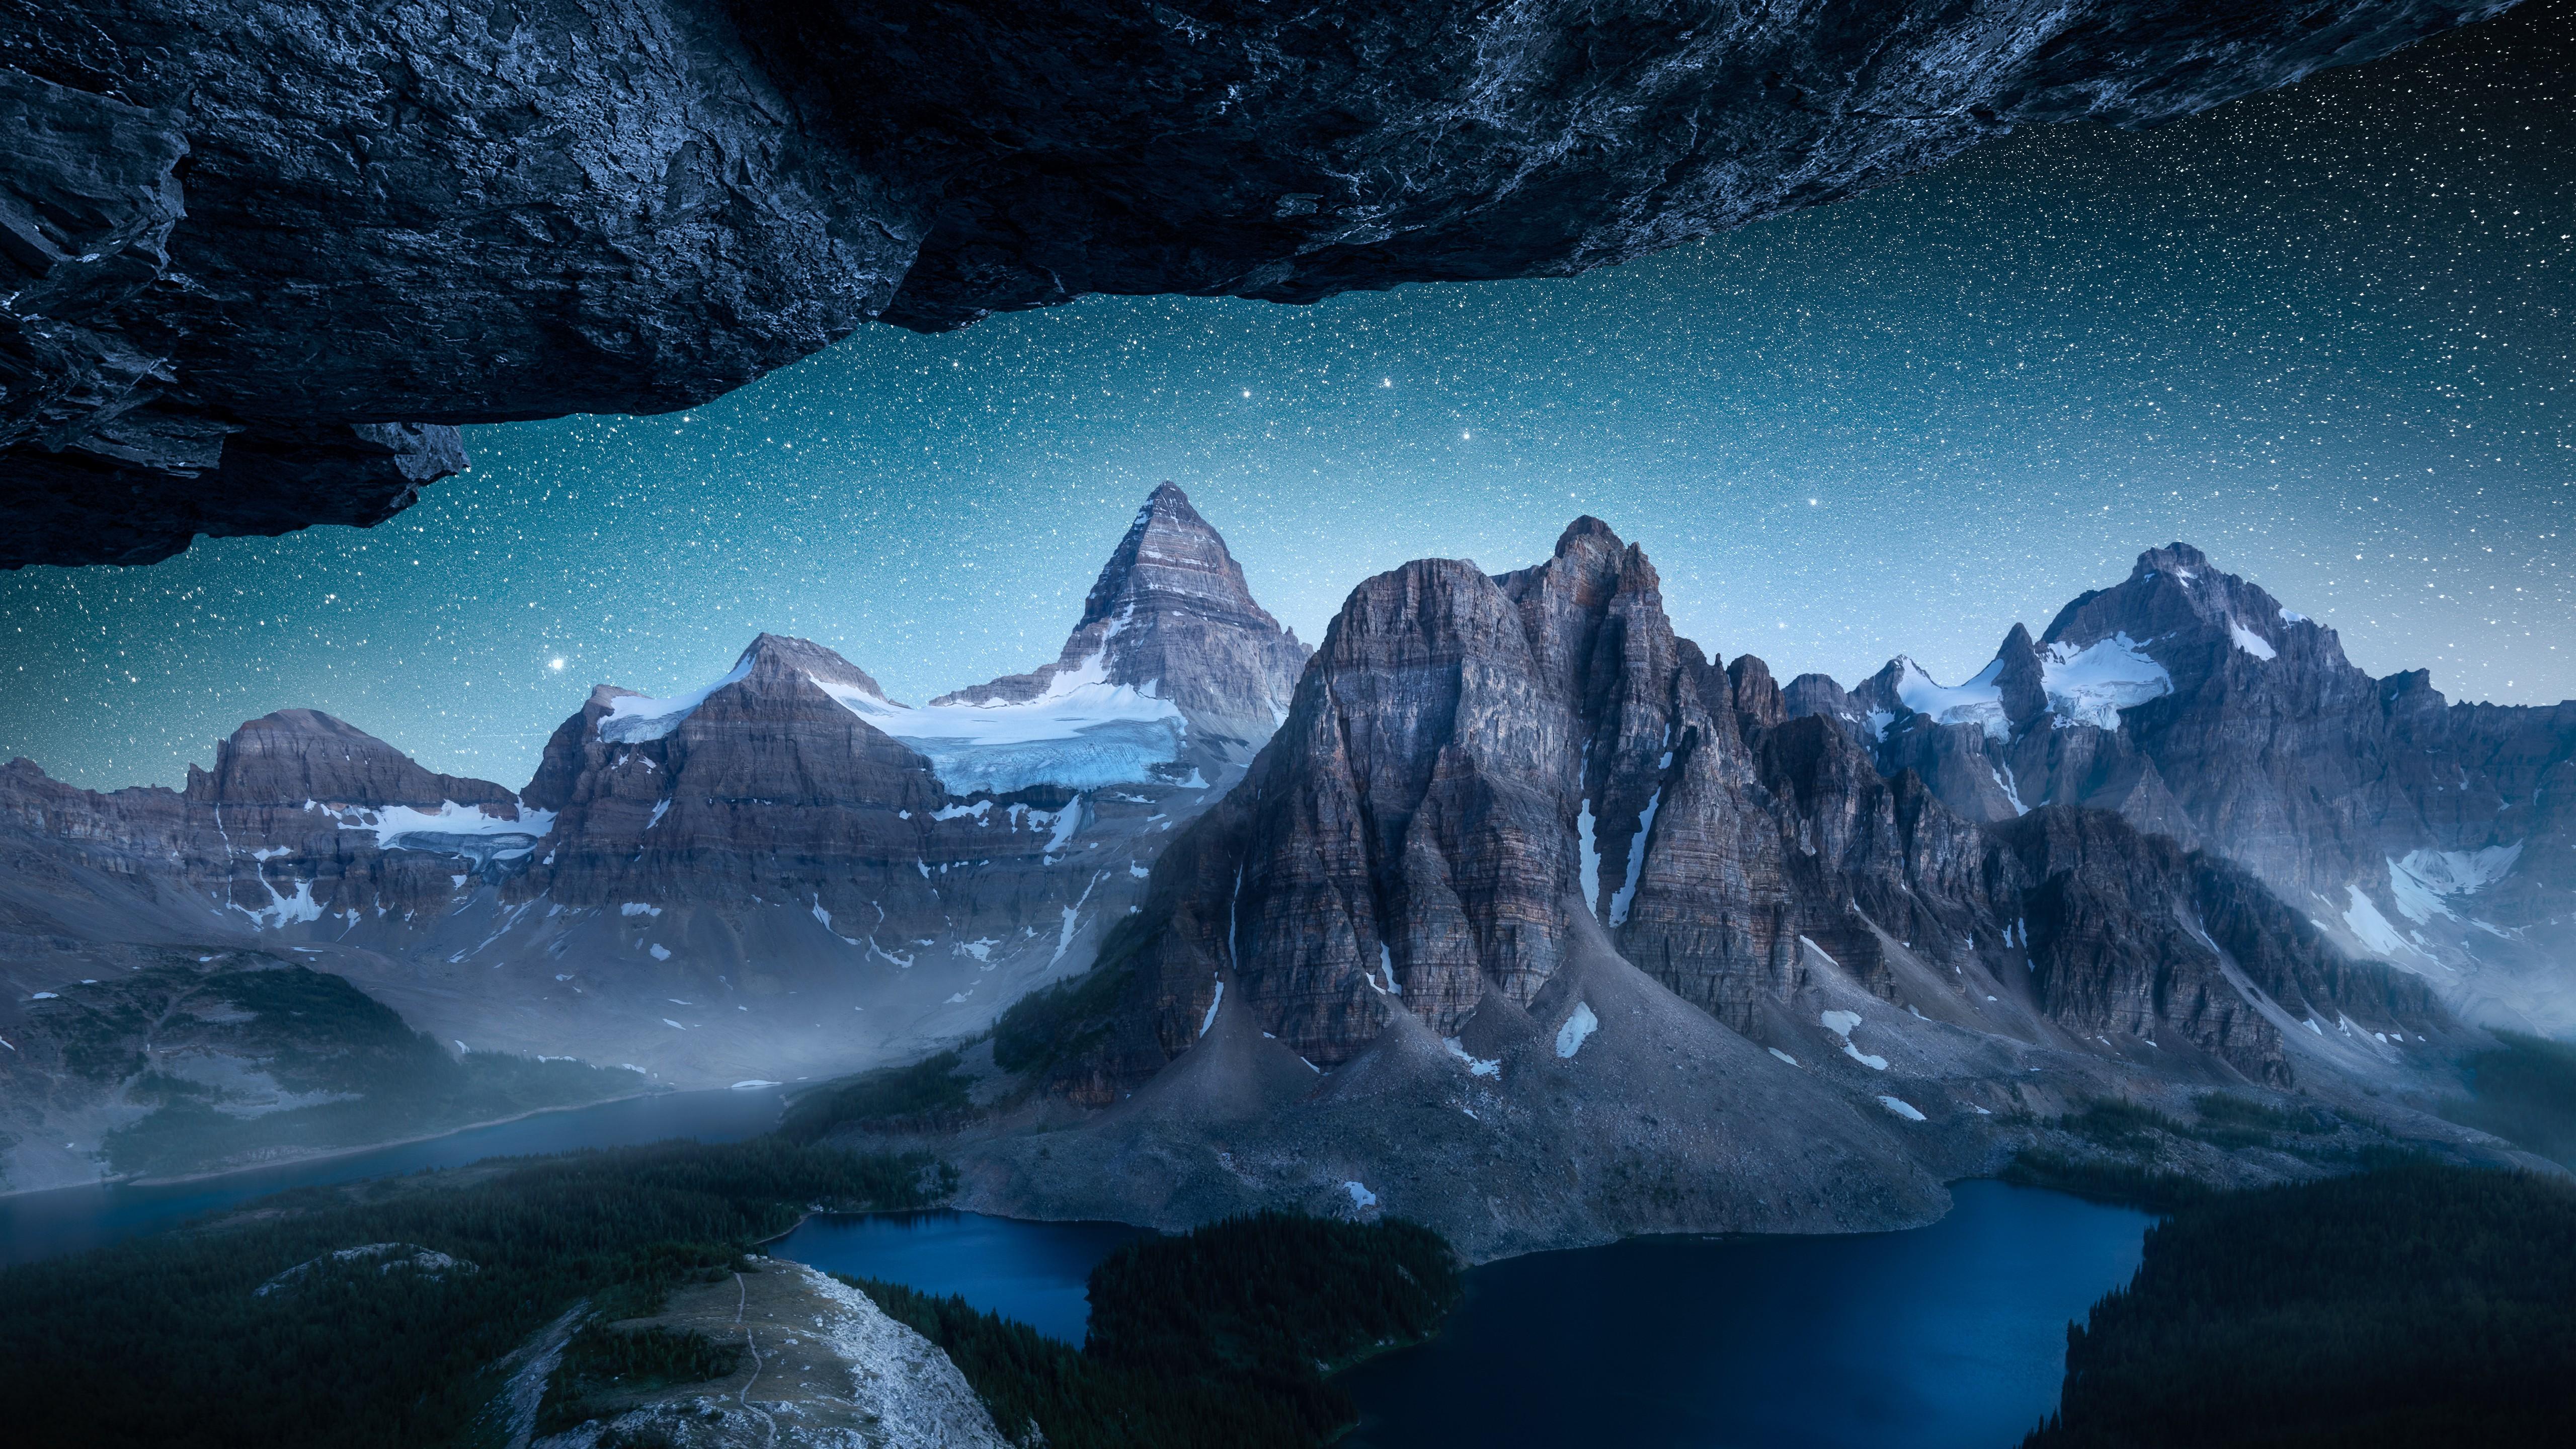 图片[3]-【壁纸分享】自然风景01-机核元素 - yangshader.com